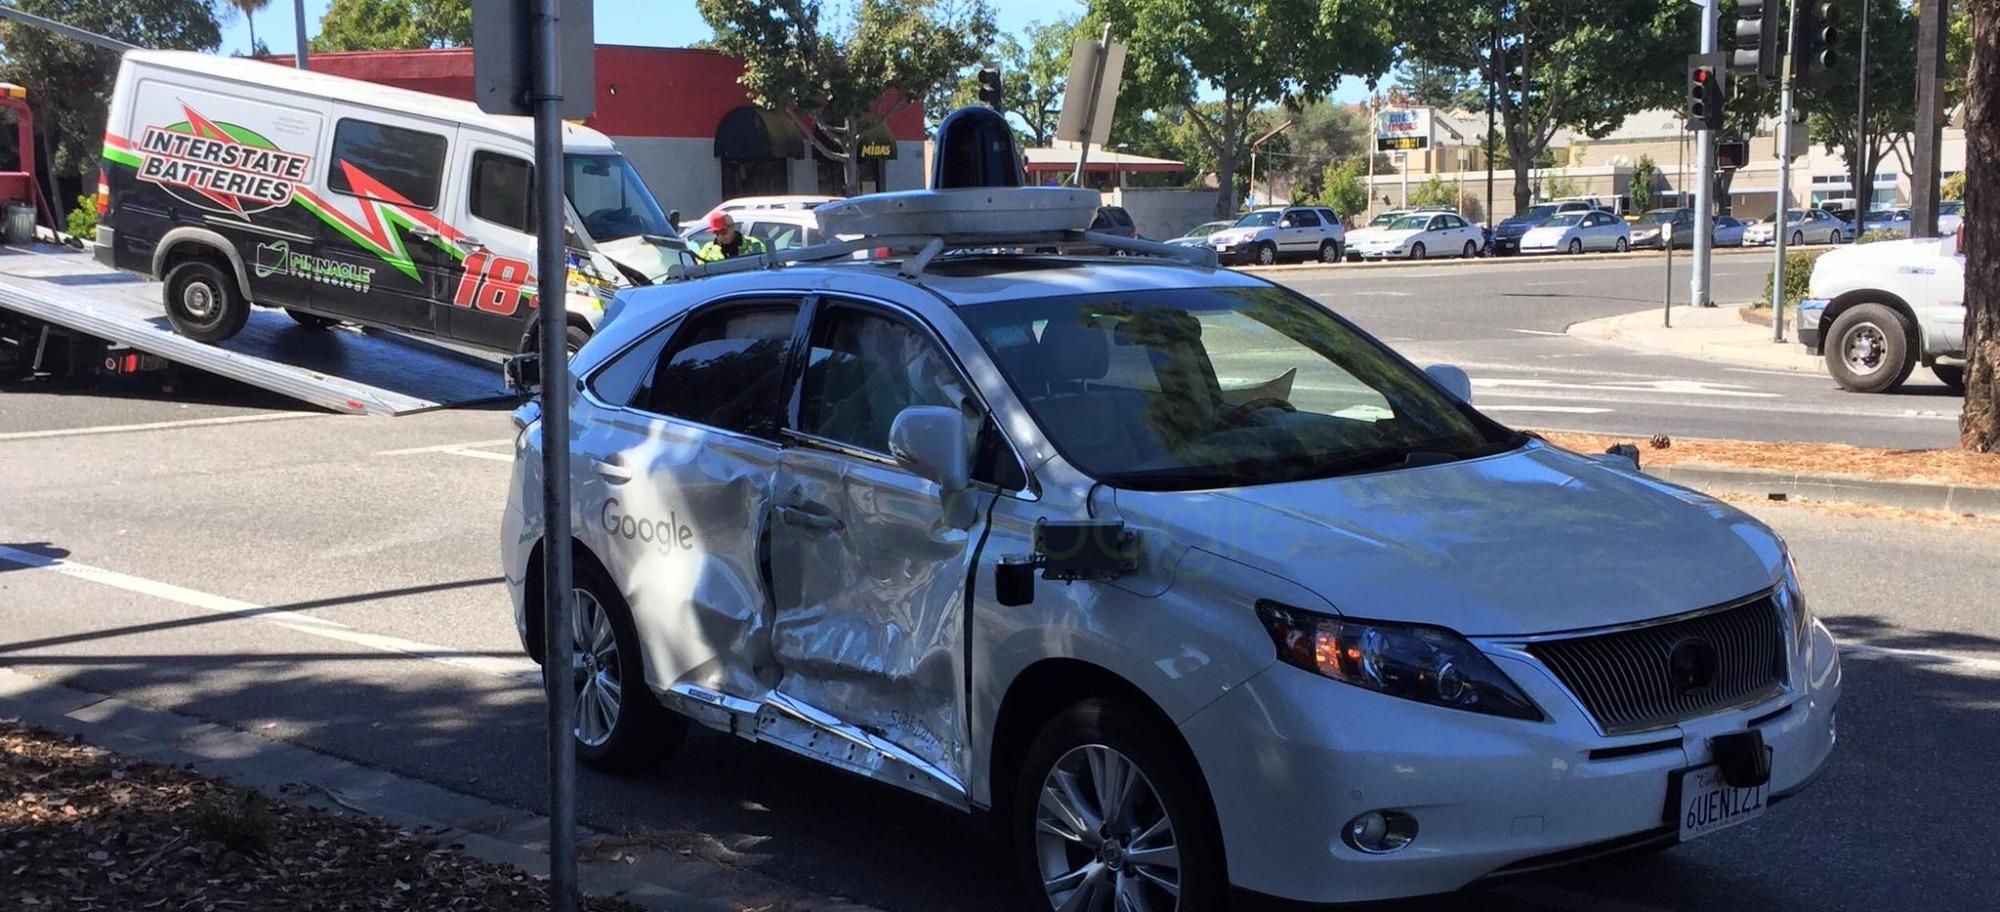 Høyresiden av Lexusen er svært skadet etter ulykken. I bakgrunnen kan vi se varebilen som var skyld i ulykken. (Ill: Twitter @grommet)